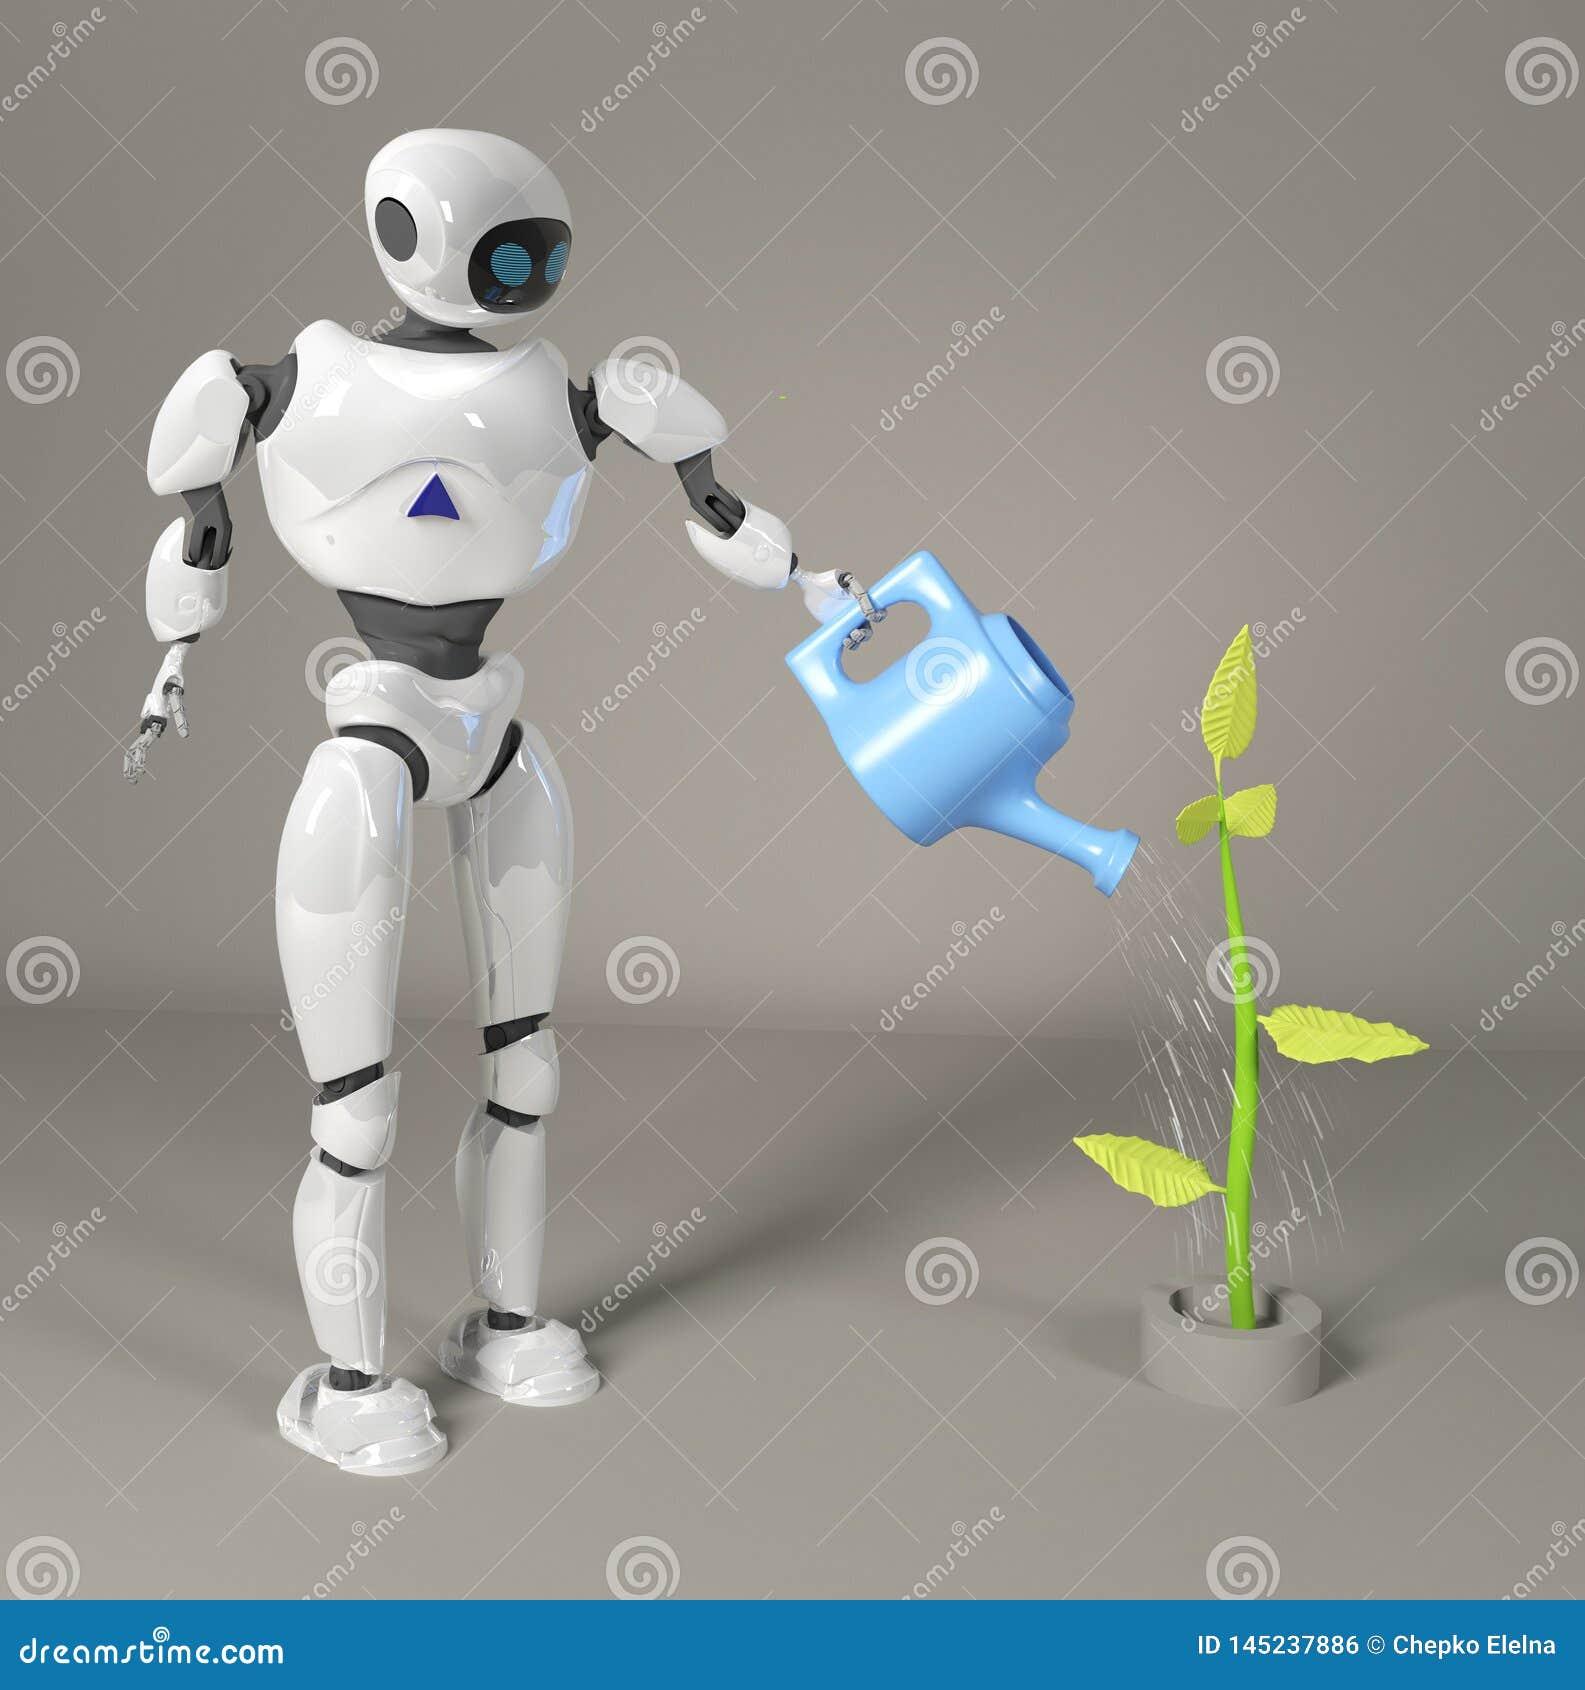 Робот мочит росток 3d, представляет